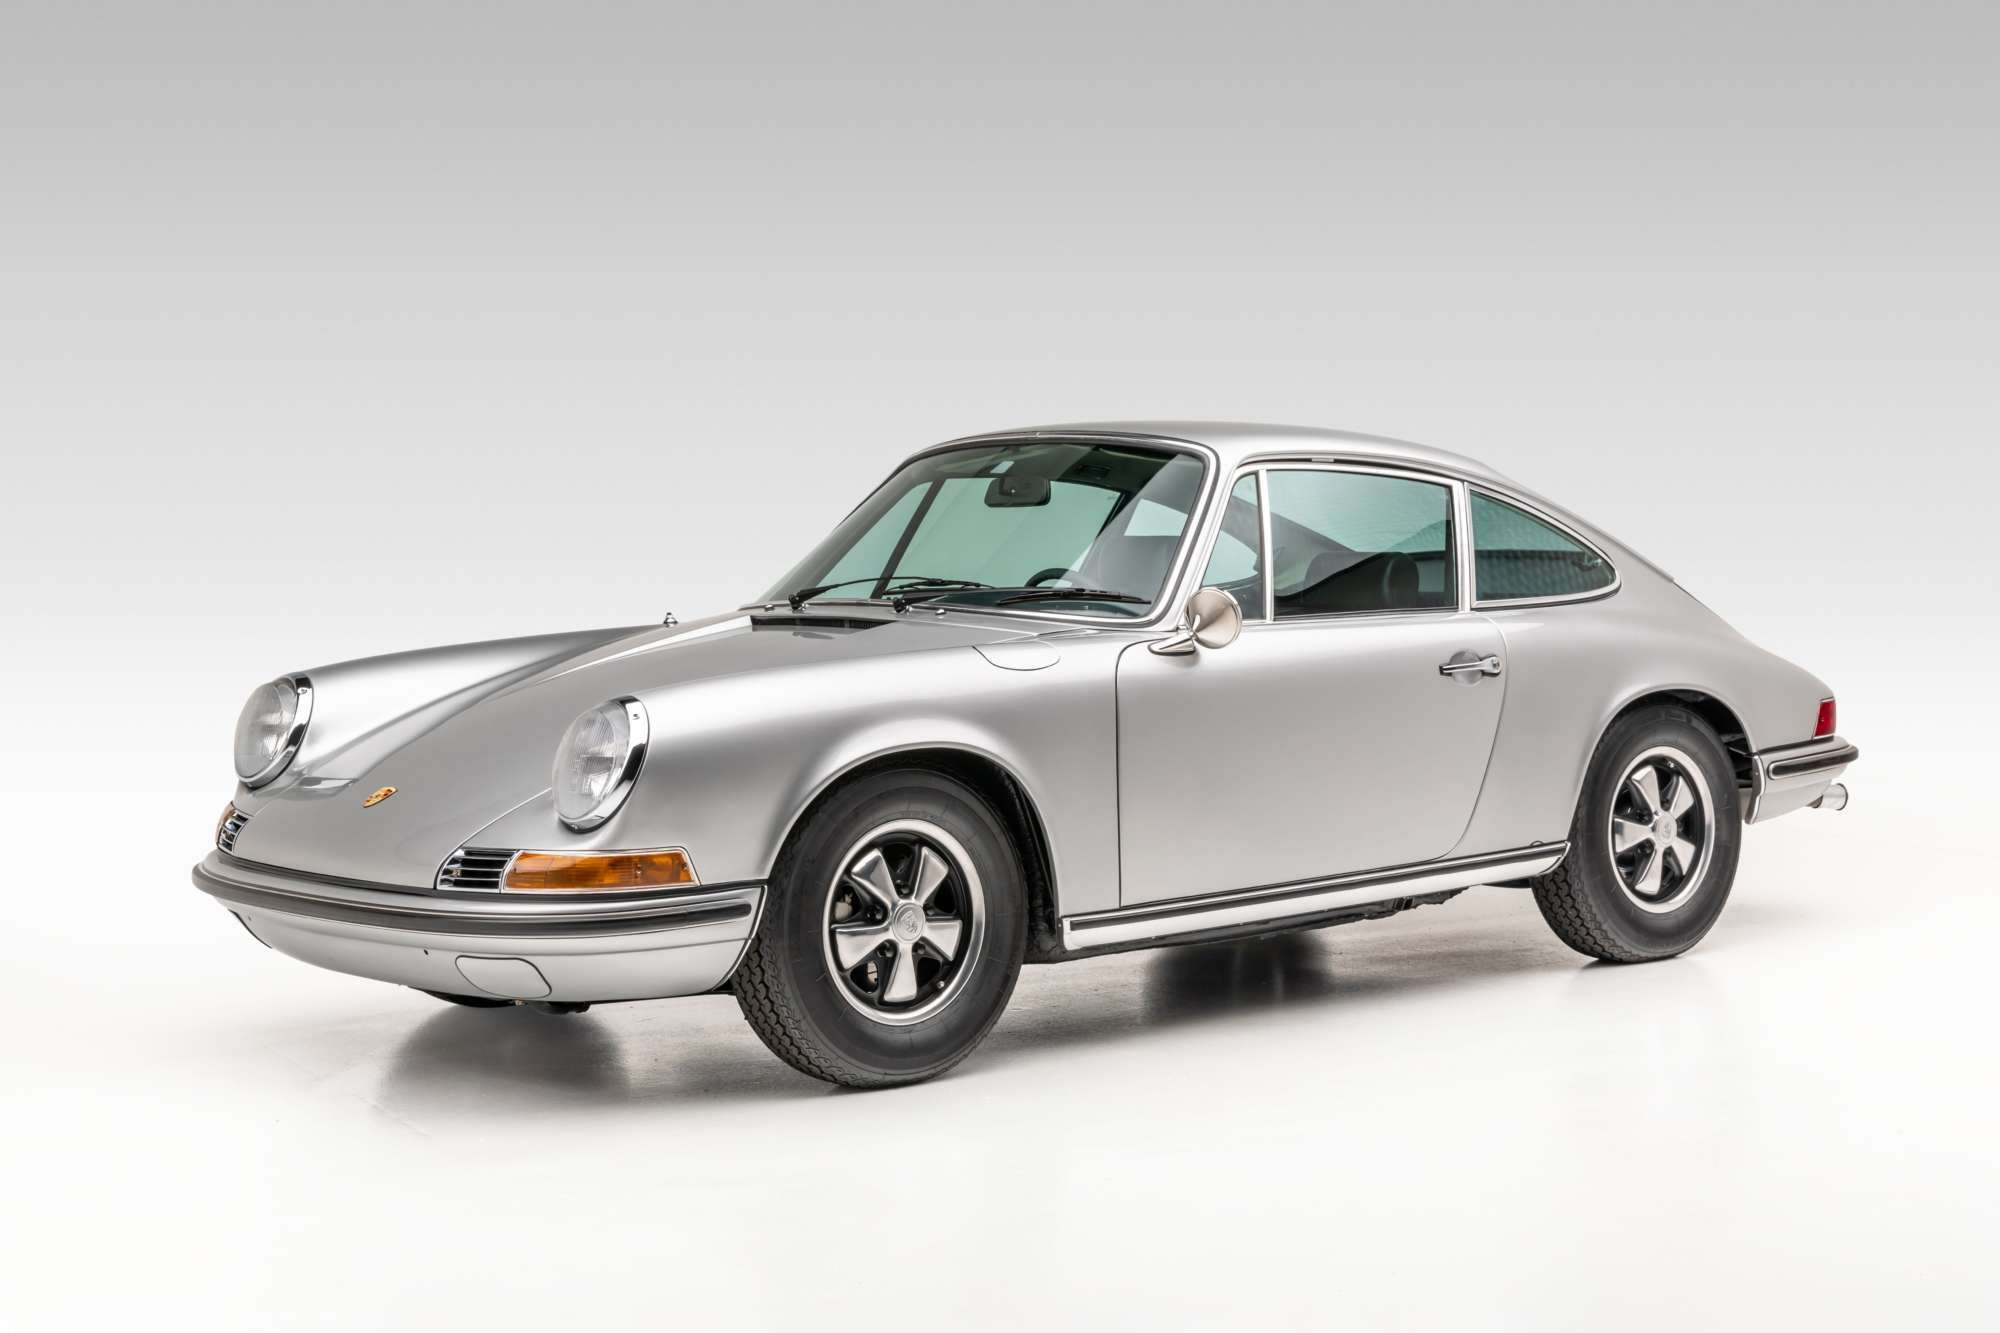 Porsche 911 T for sale in silver